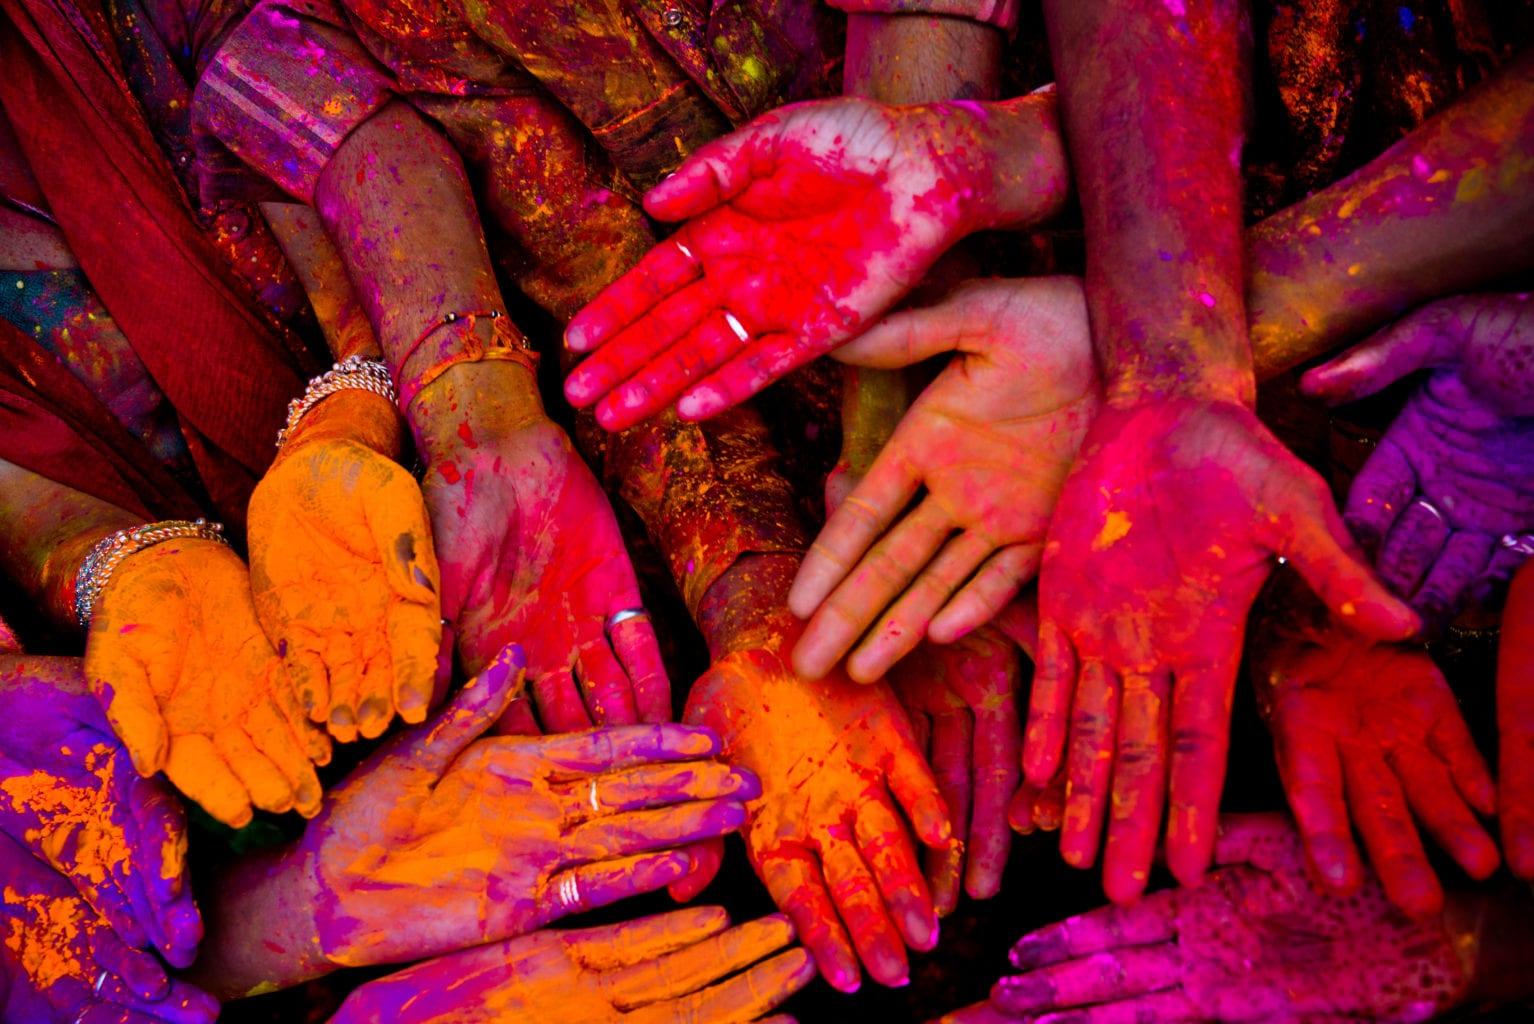 CABI Religious Tourism and Pilgrimage Series